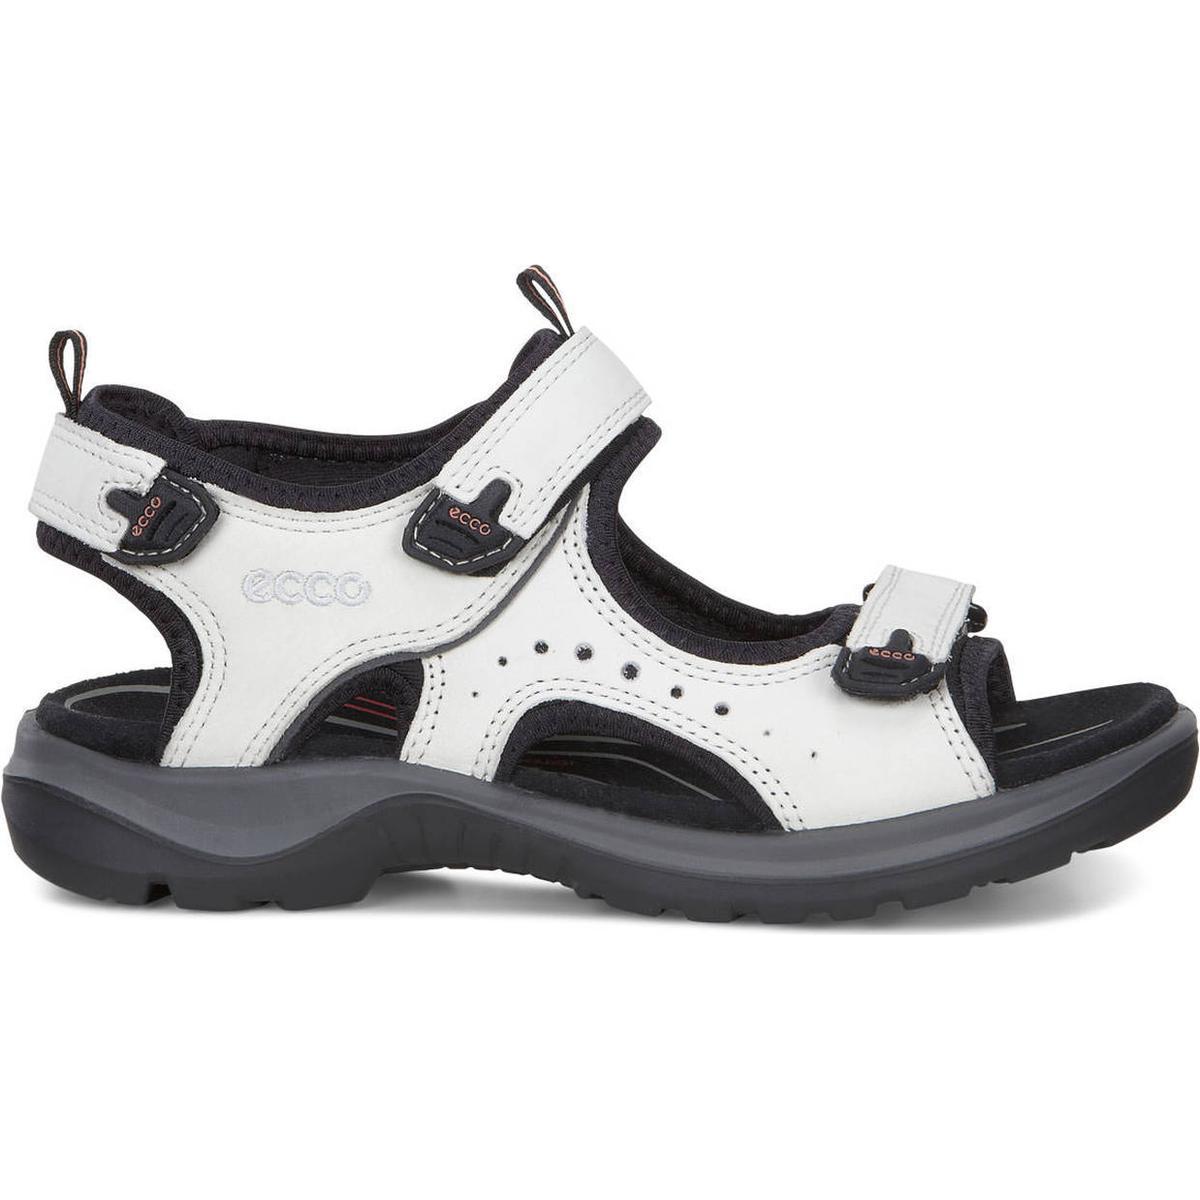 bd130bcb10c Ecco - Sammenlign priser på Ecco sko hos PriceRunner